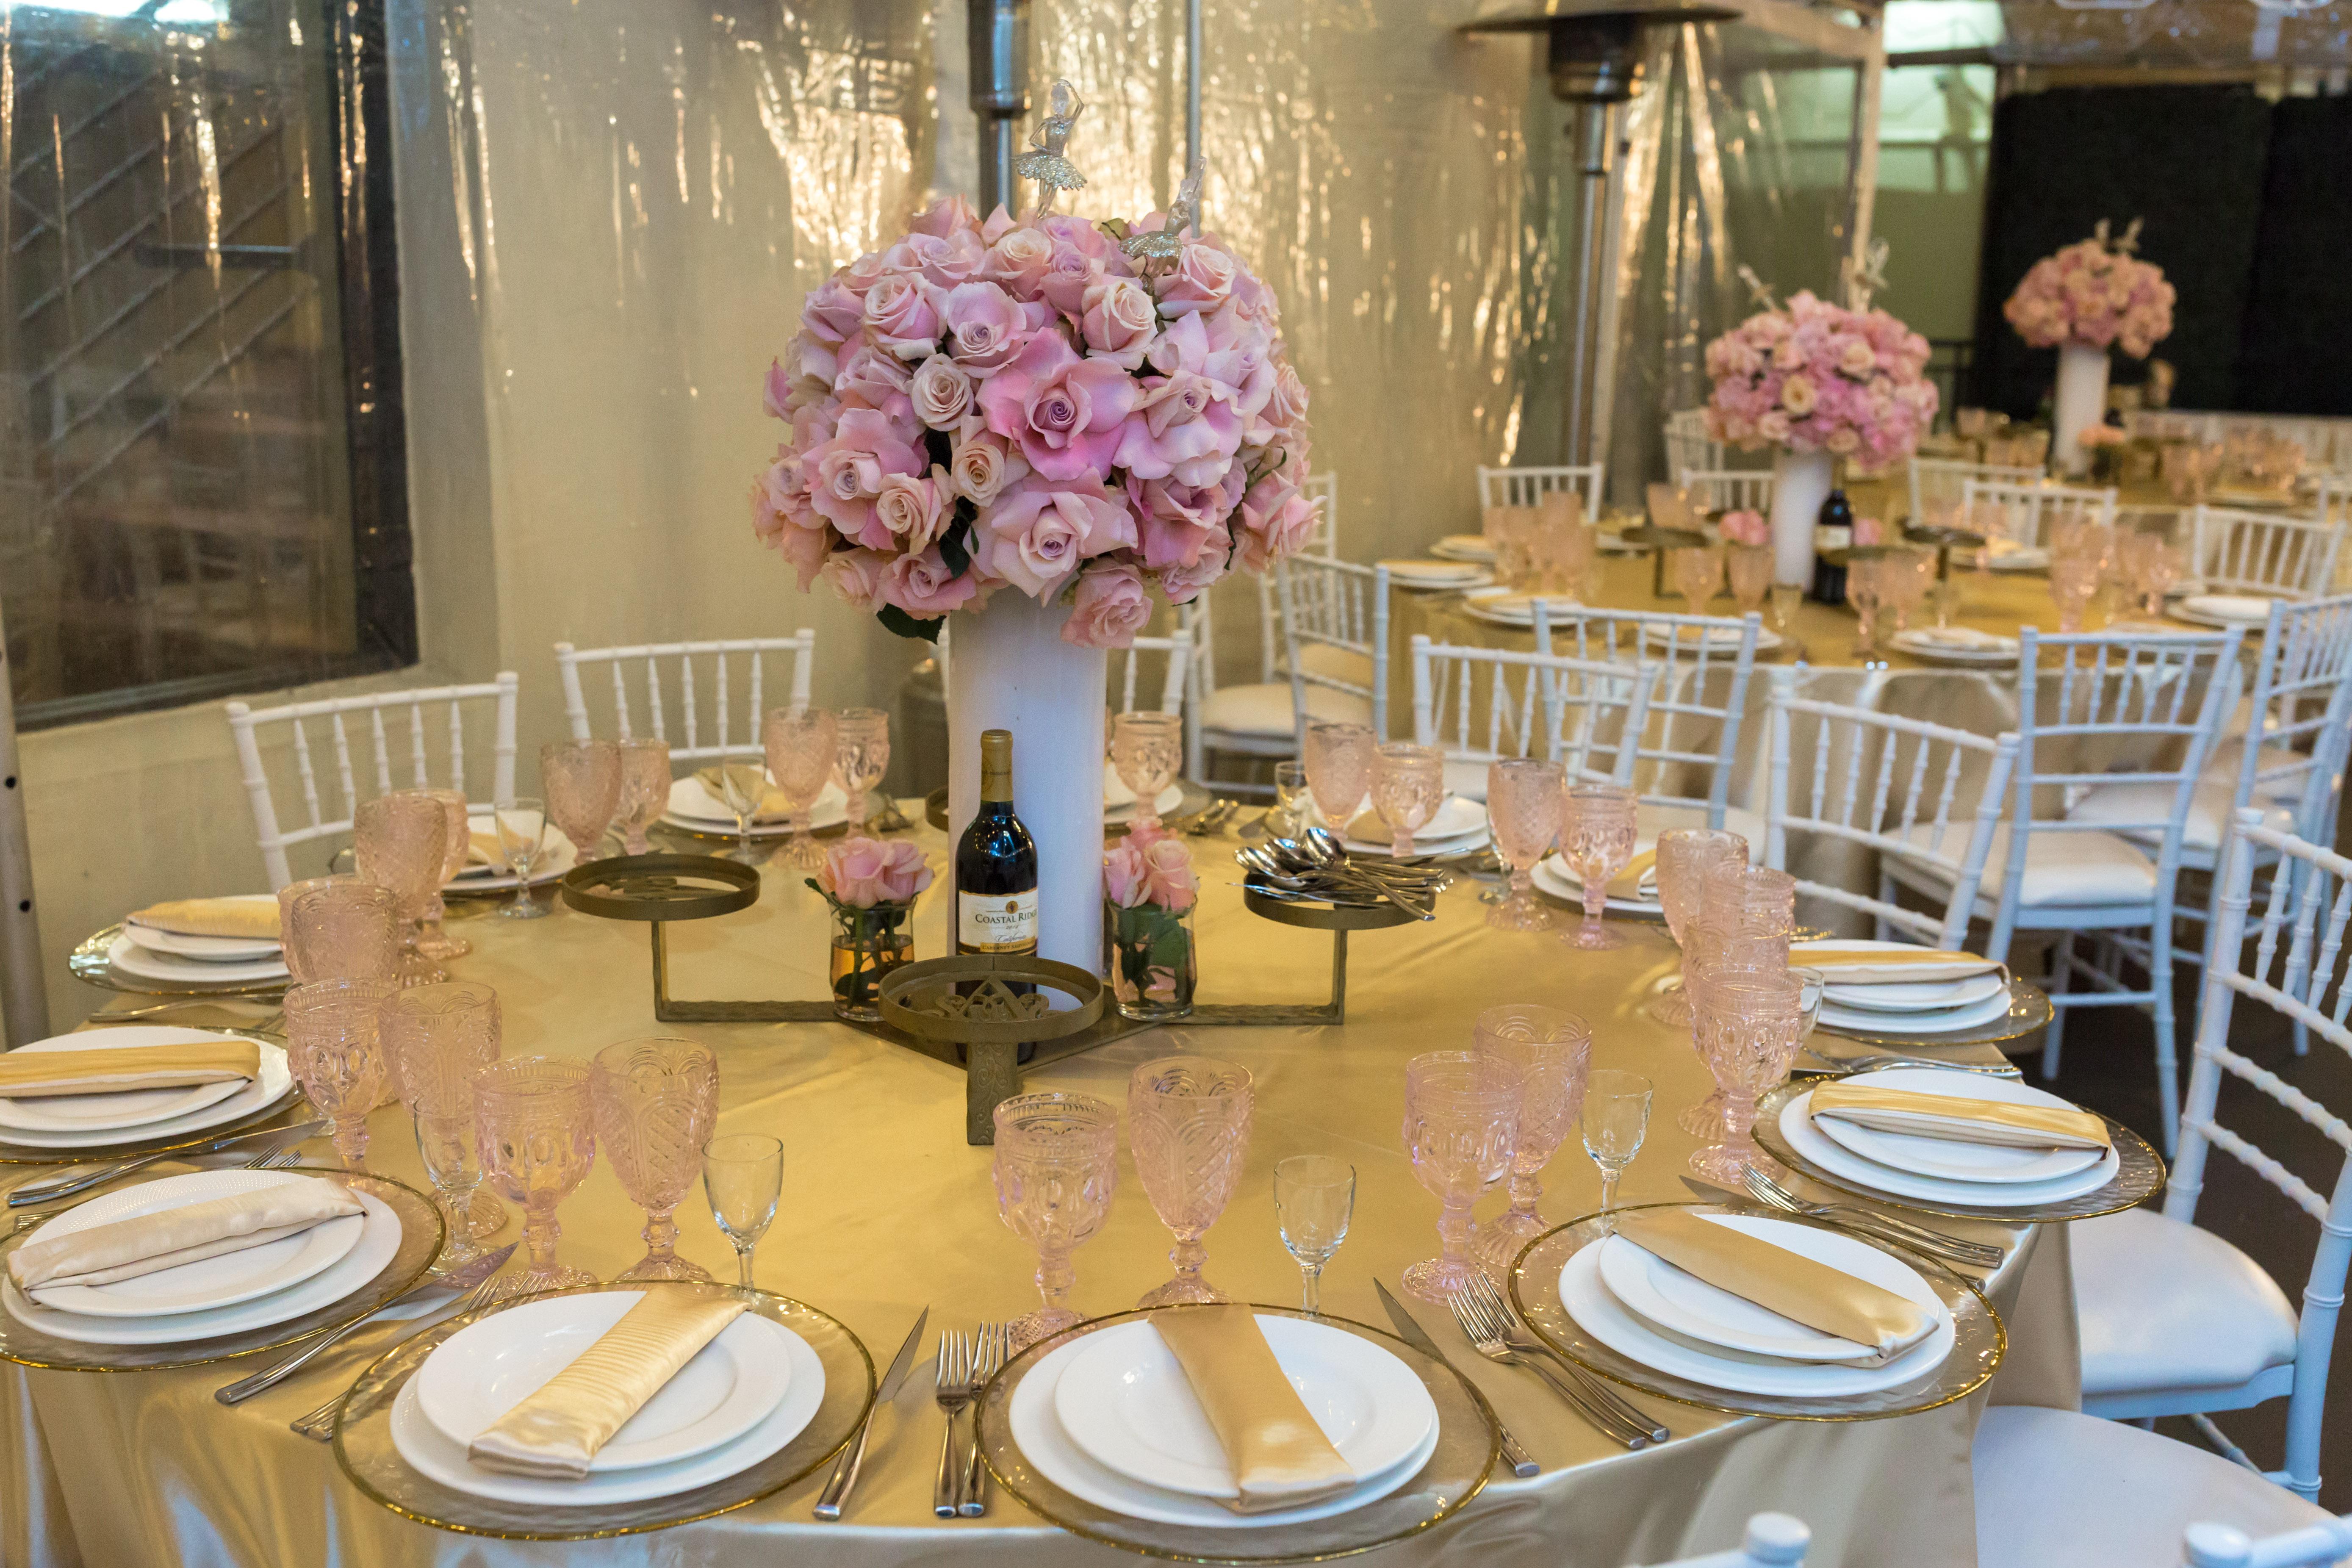 Best Outdoor Wedding Venue in Glendale CA Brandview Patio